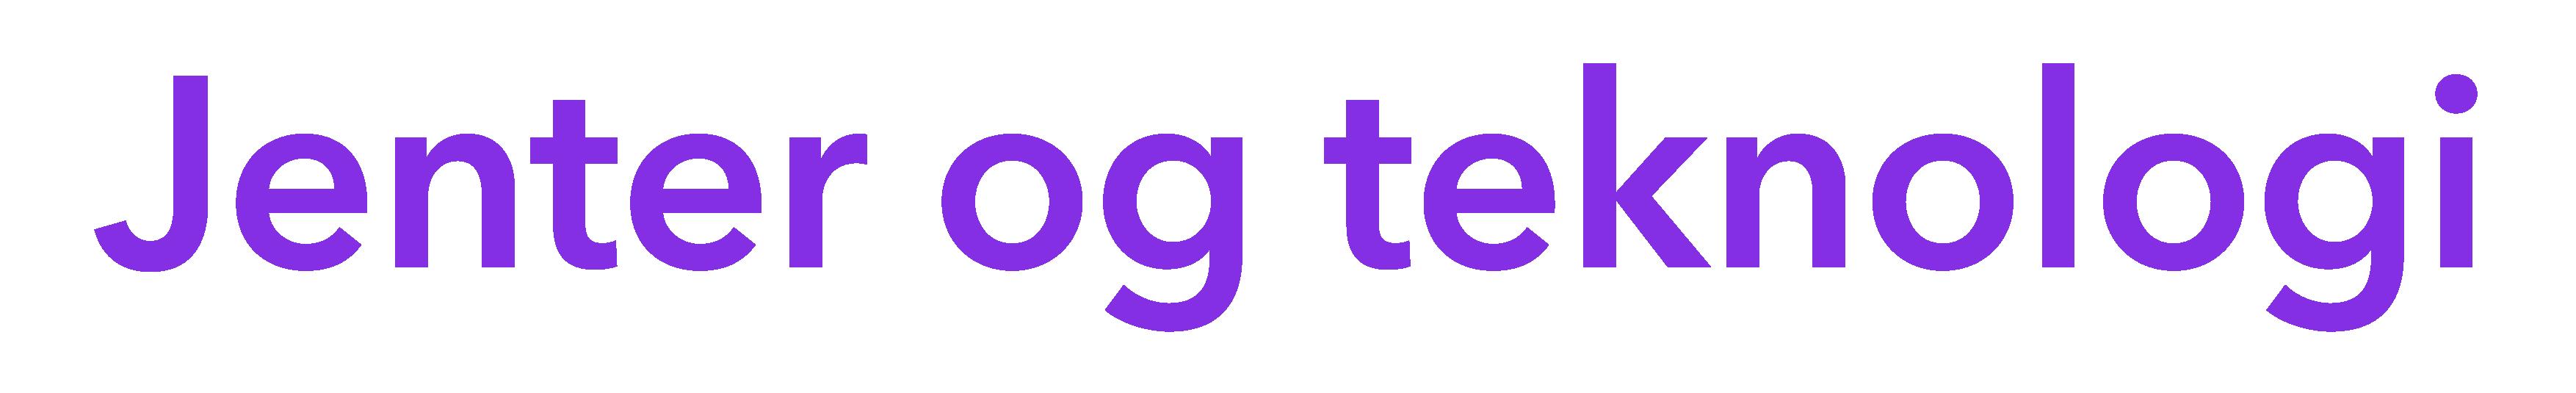 Jenter og teknologi logo